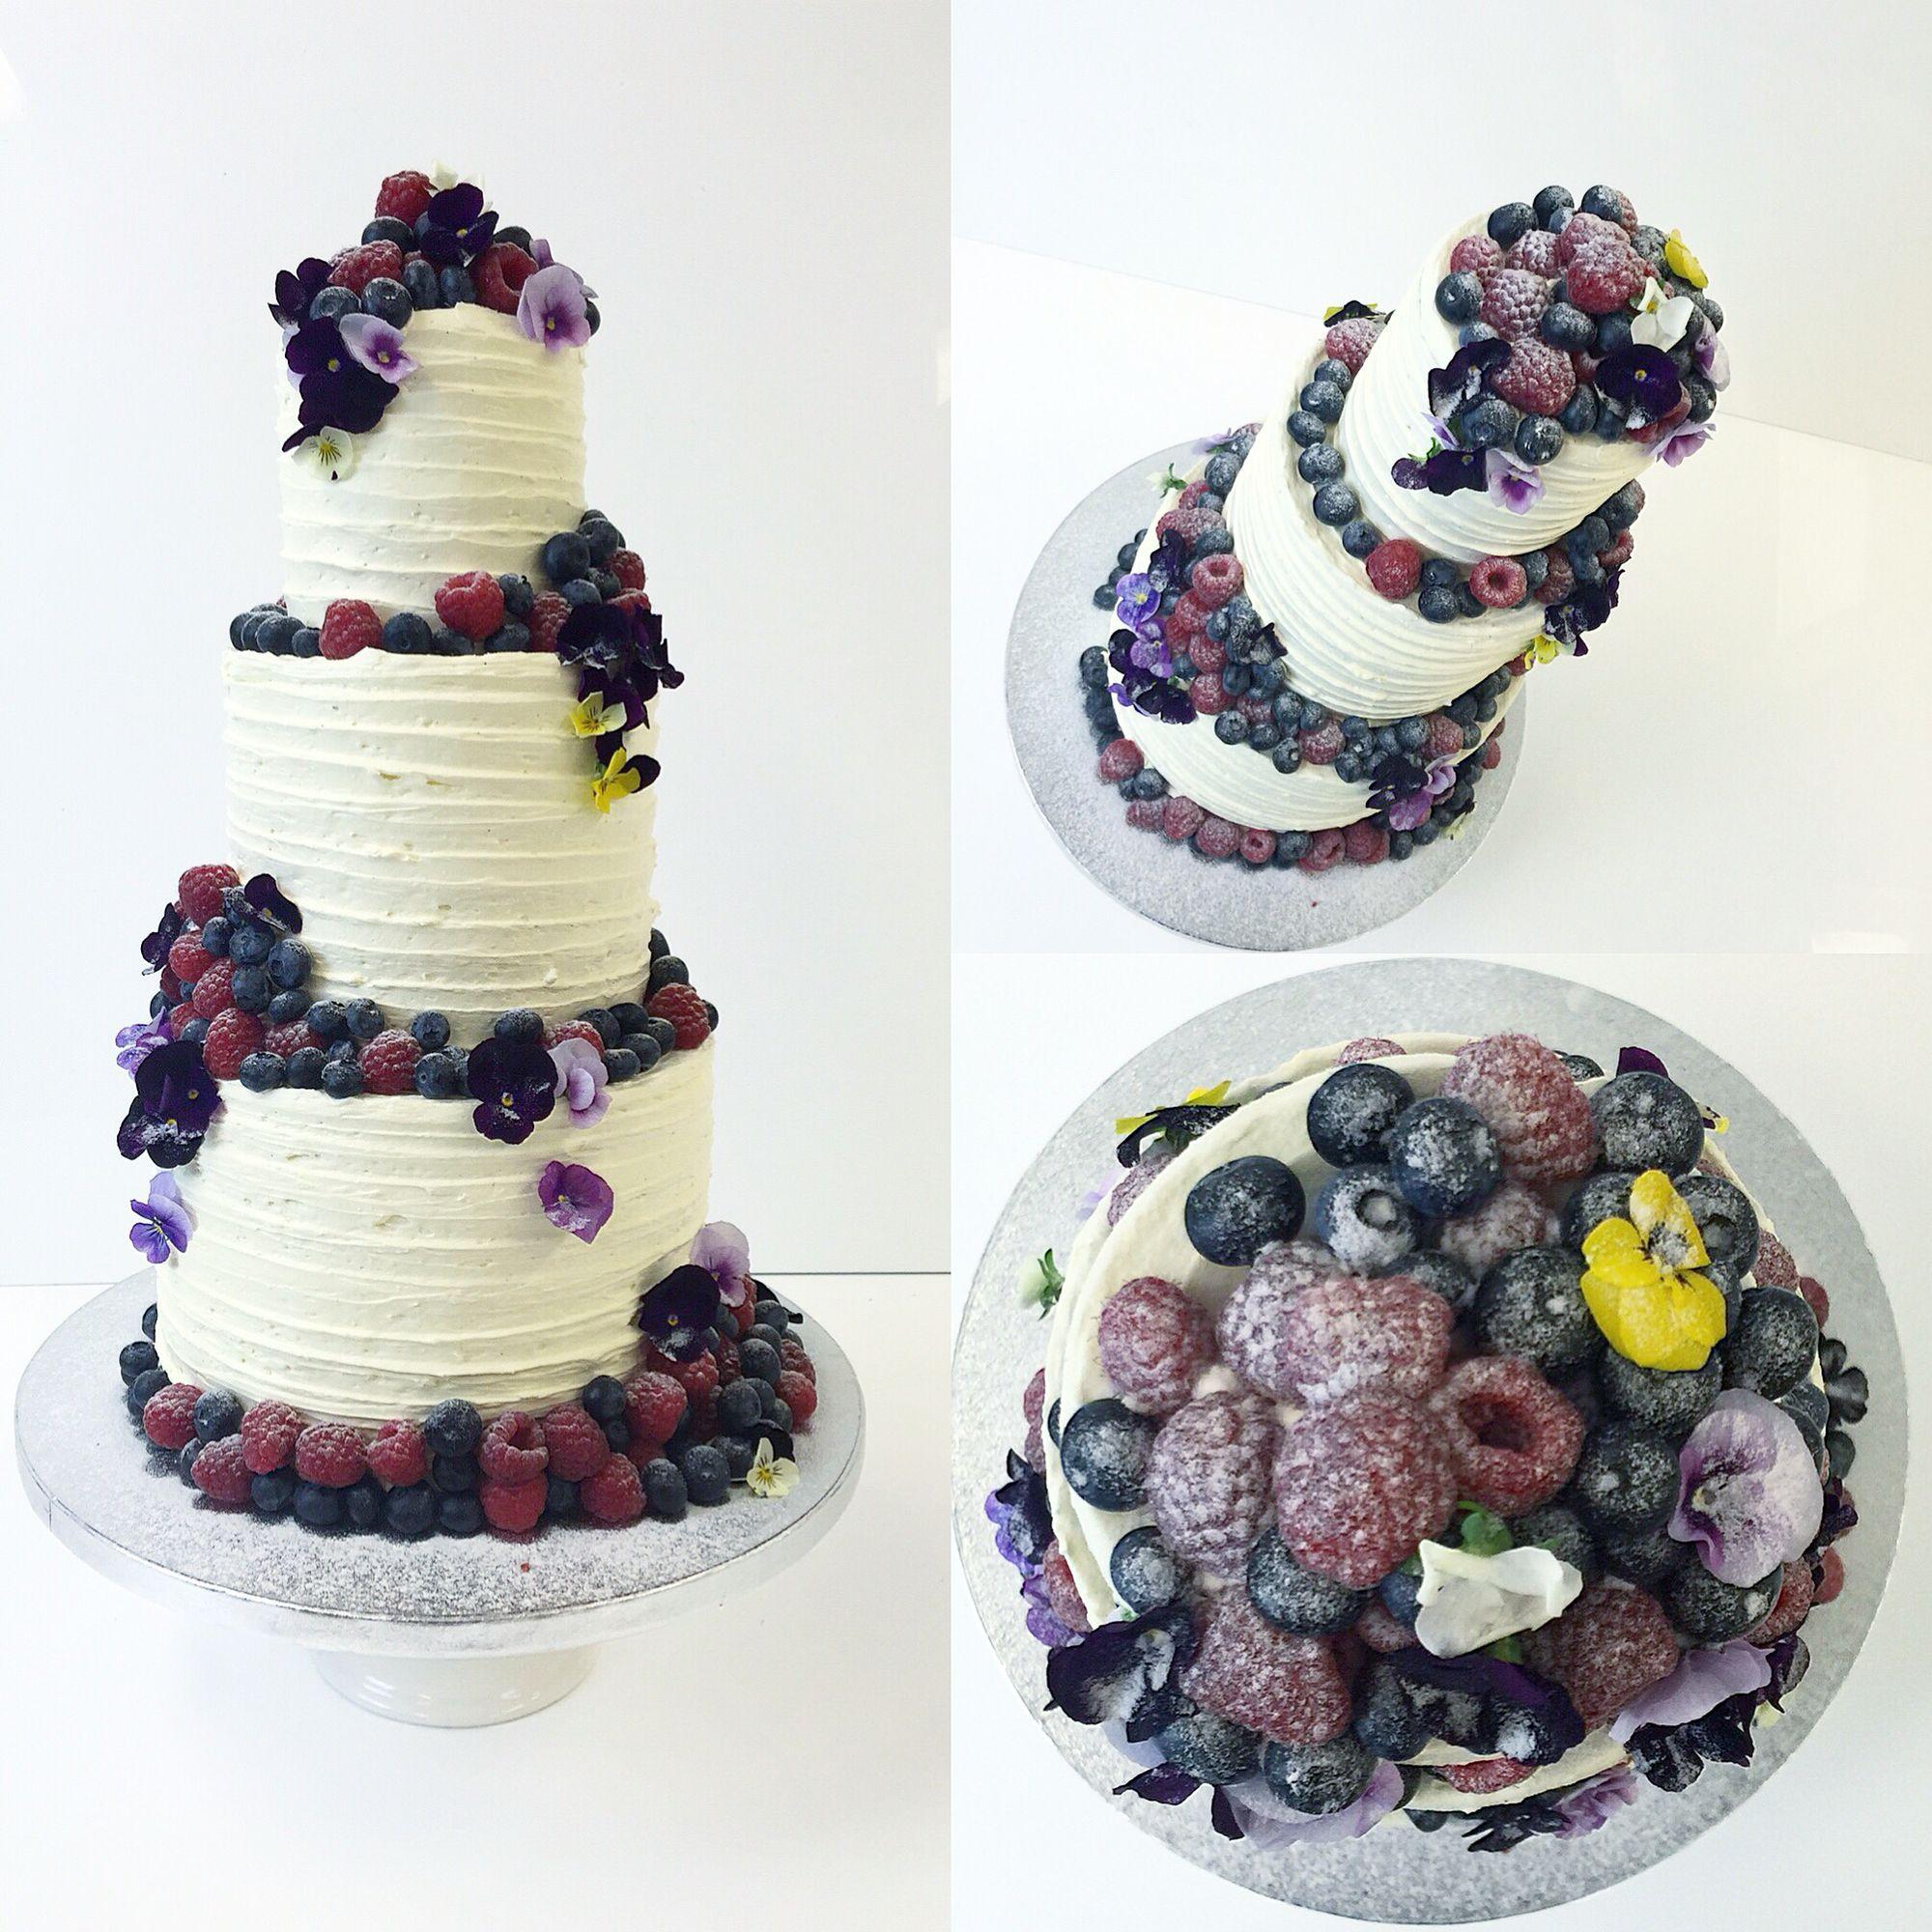 Kuningatar kreenikakku tuoreilla vadelmilla, mustikoilla ja syötävillä orvokeilla.  Buttercream cake with fresh blueberries, raspberries and violets.  #wedding #kakku #cake #häät #buttercream #kreemi #mustika #vadelma #orvokki #violet #blueberry #raspberry #food #yummy #frangipanibakery #vallila #kruununhaka #helsinki